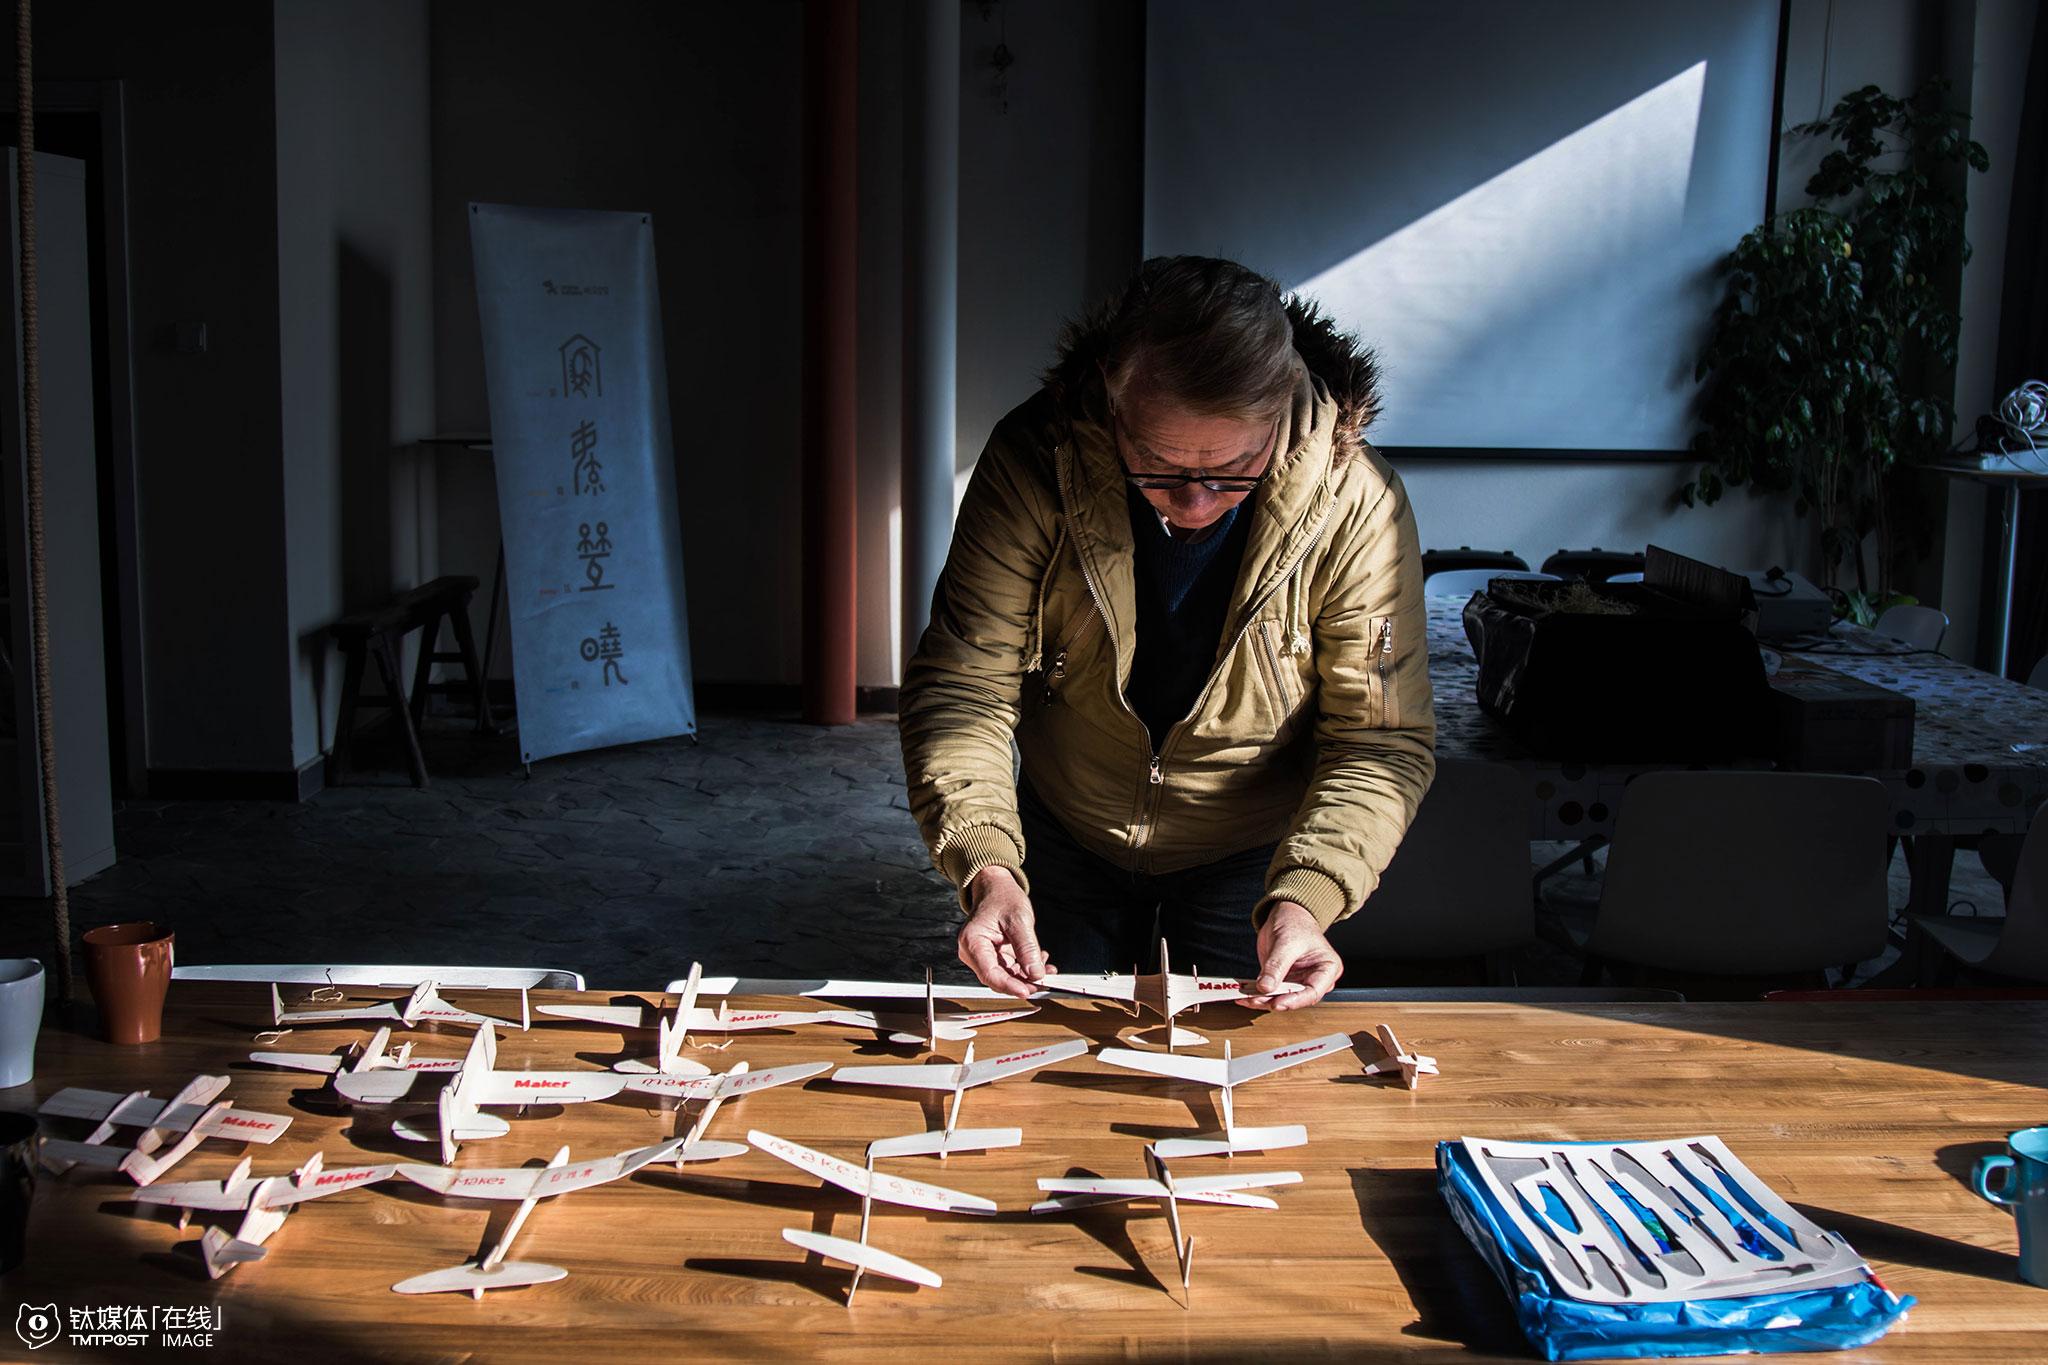 """到北京教课,郑富德带来了一批大大小小的模型。他的课程从卡纸飞机、巴沙木飞机、骨架飞机,一直阶进到遥控飞机,""""做航模最难的是耐心,是坐下来静下心"""",郑富德在教的过程中,并不是采用常见的套件拼装的方式进行,""""任何成品都不要,要训练孩子从无到有的创造能力。""""2015年,在北京人数最多的一堂试教课,来了400多人,就是那堂课,让郑富德决心来北京发展。"""